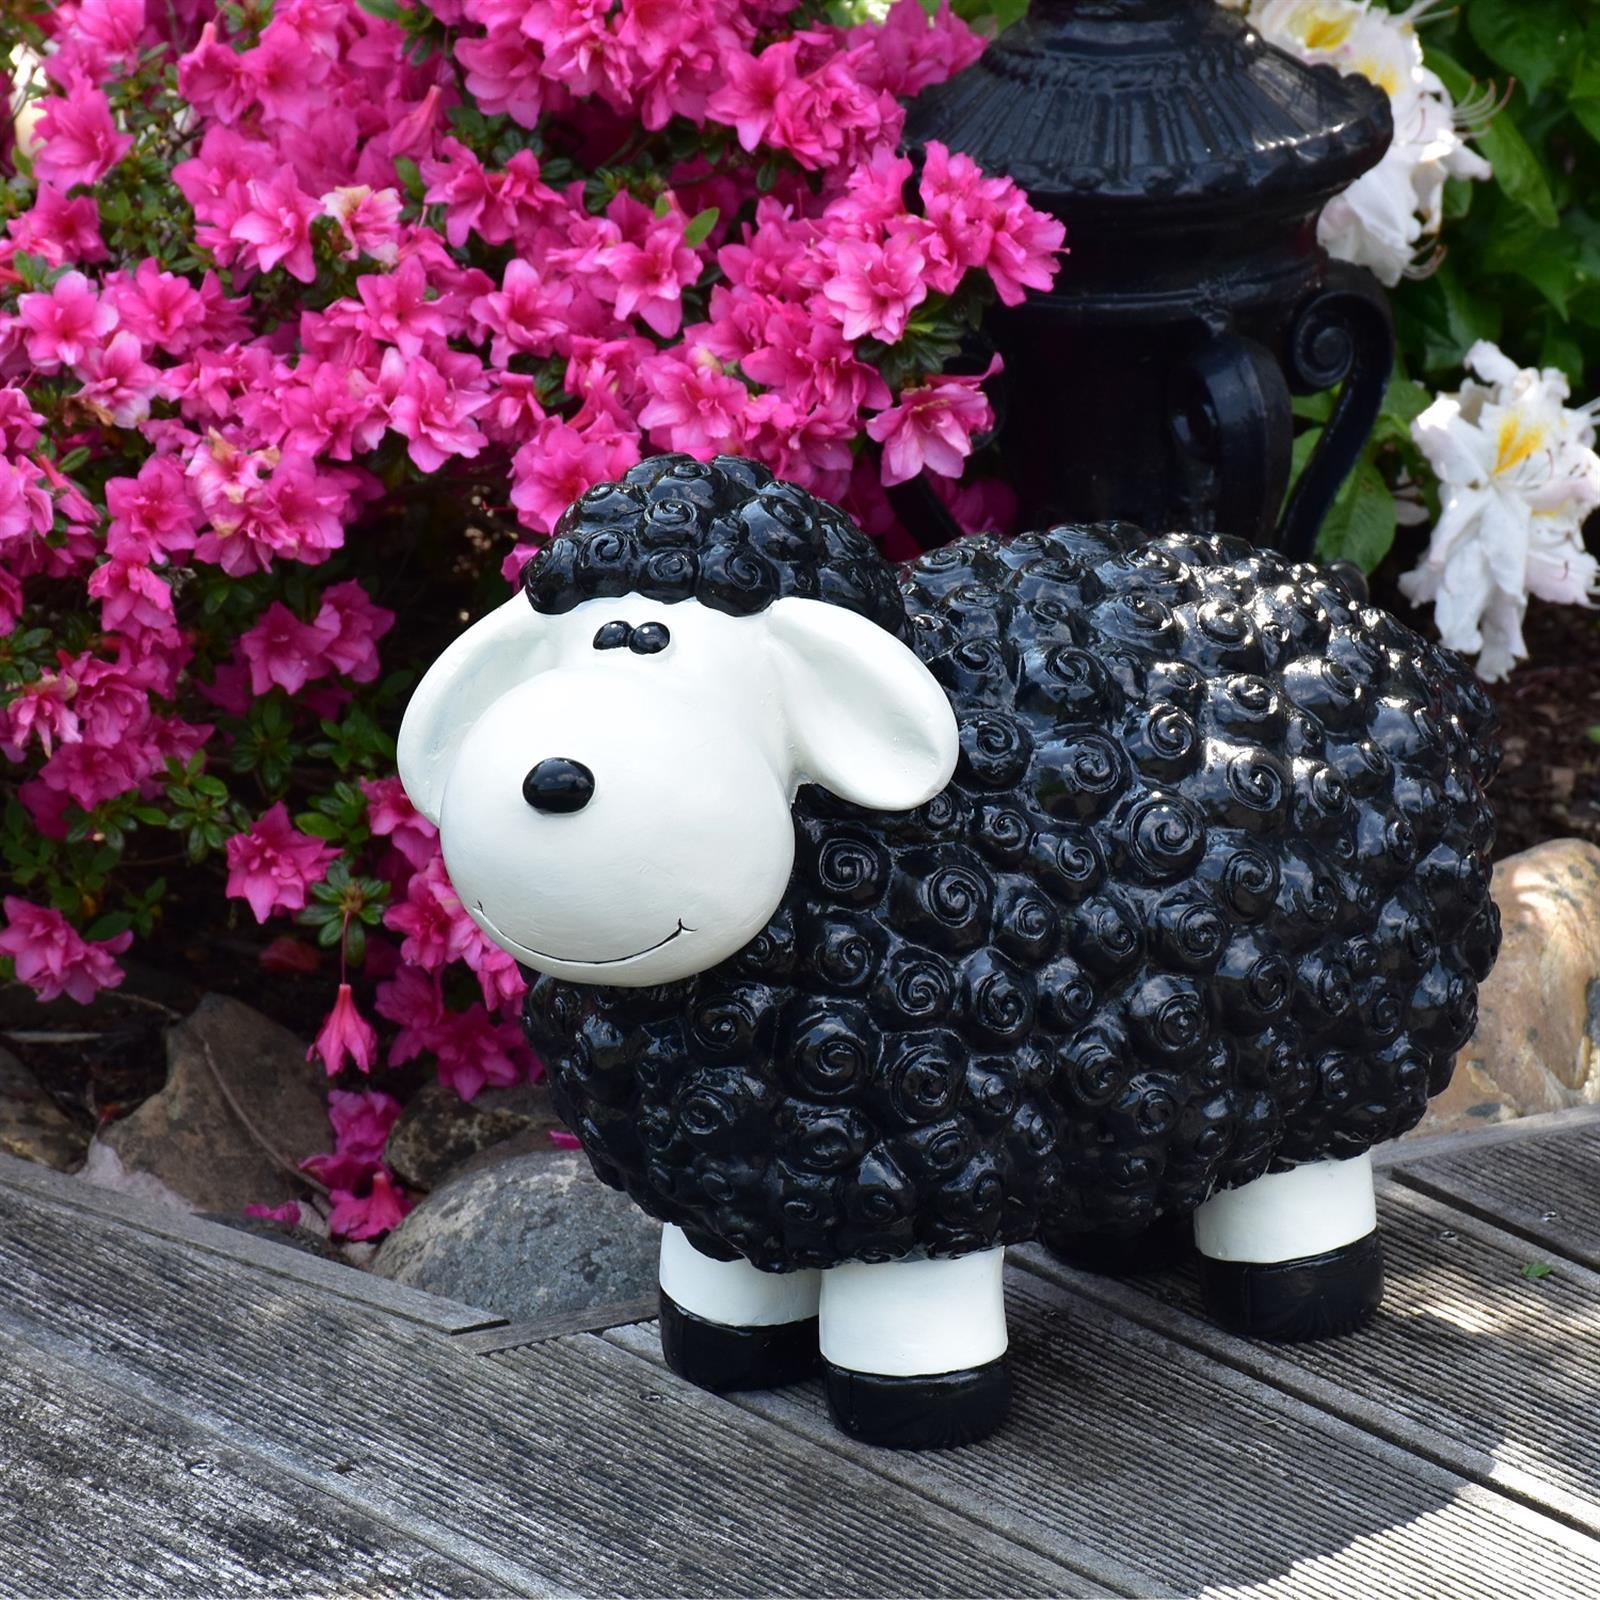 Gartenfigur Schaf in Schwarz